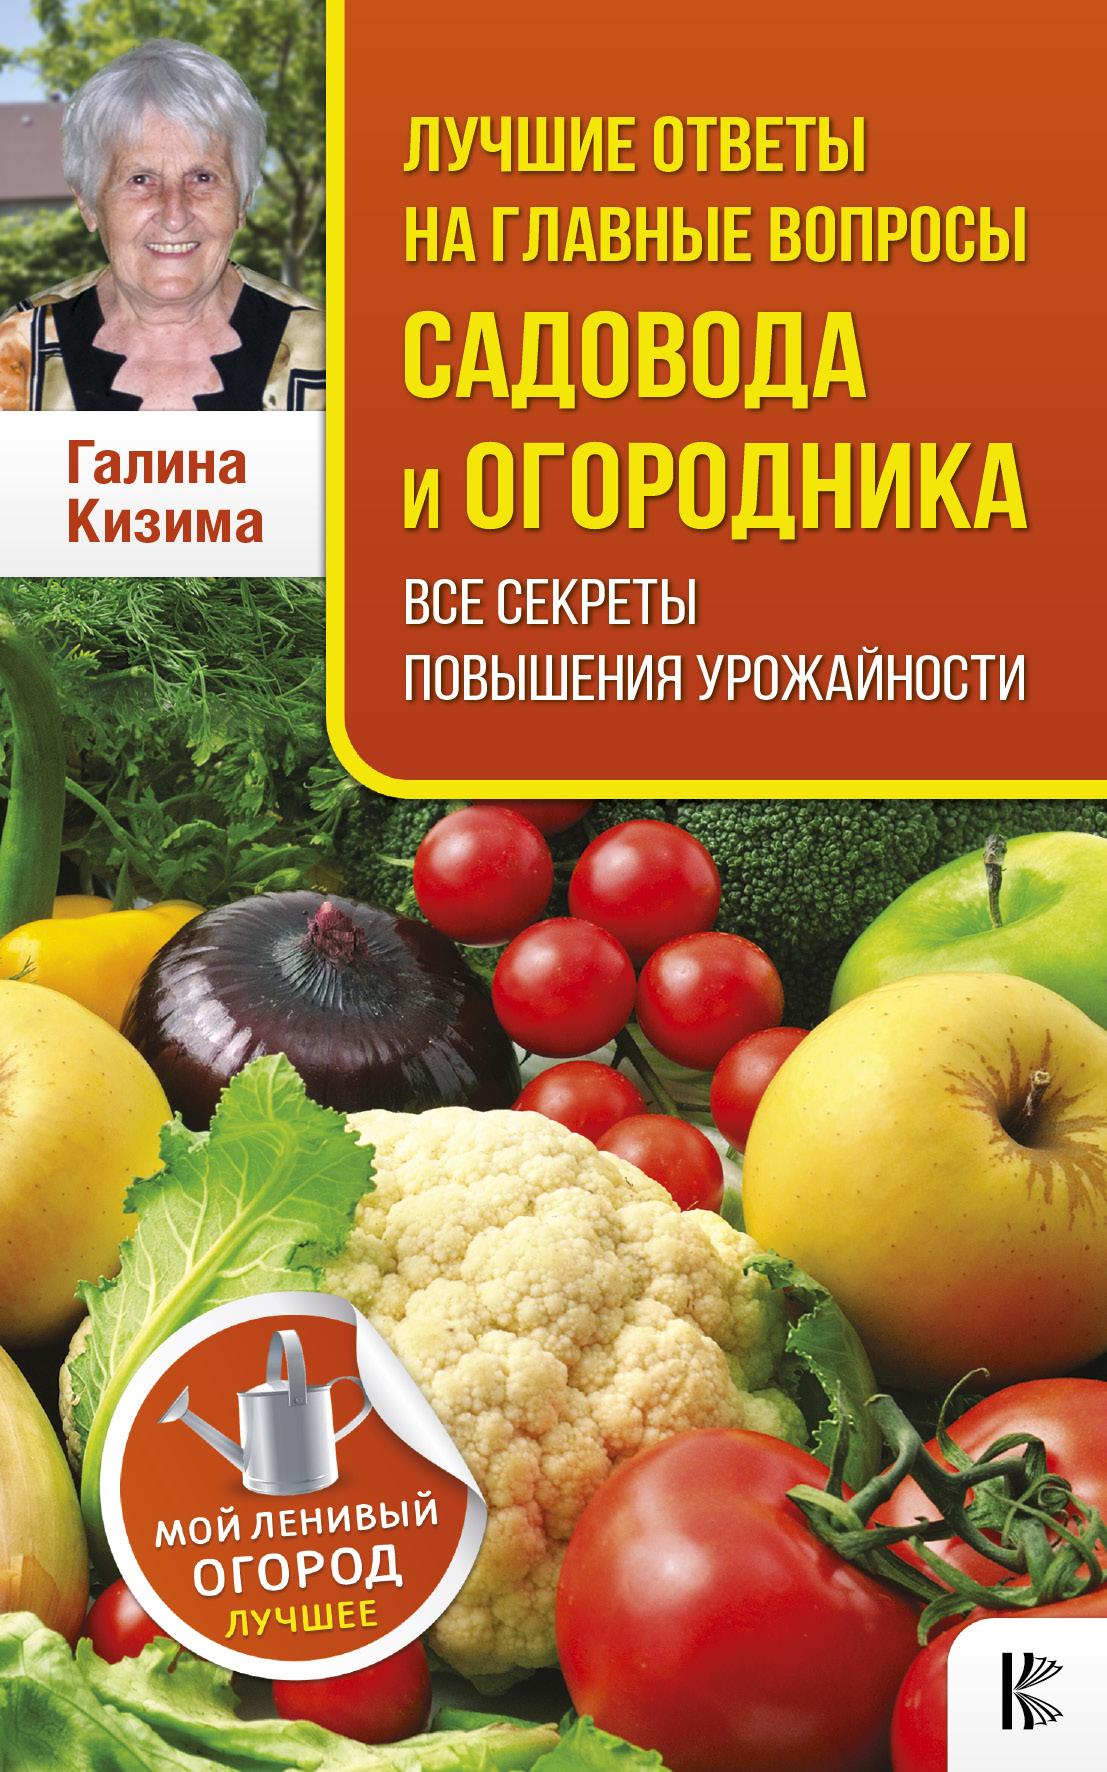 Галина Кизима Лучшие ответы на главные вопросы садовода и огородника. Все секреты повышения урожайности